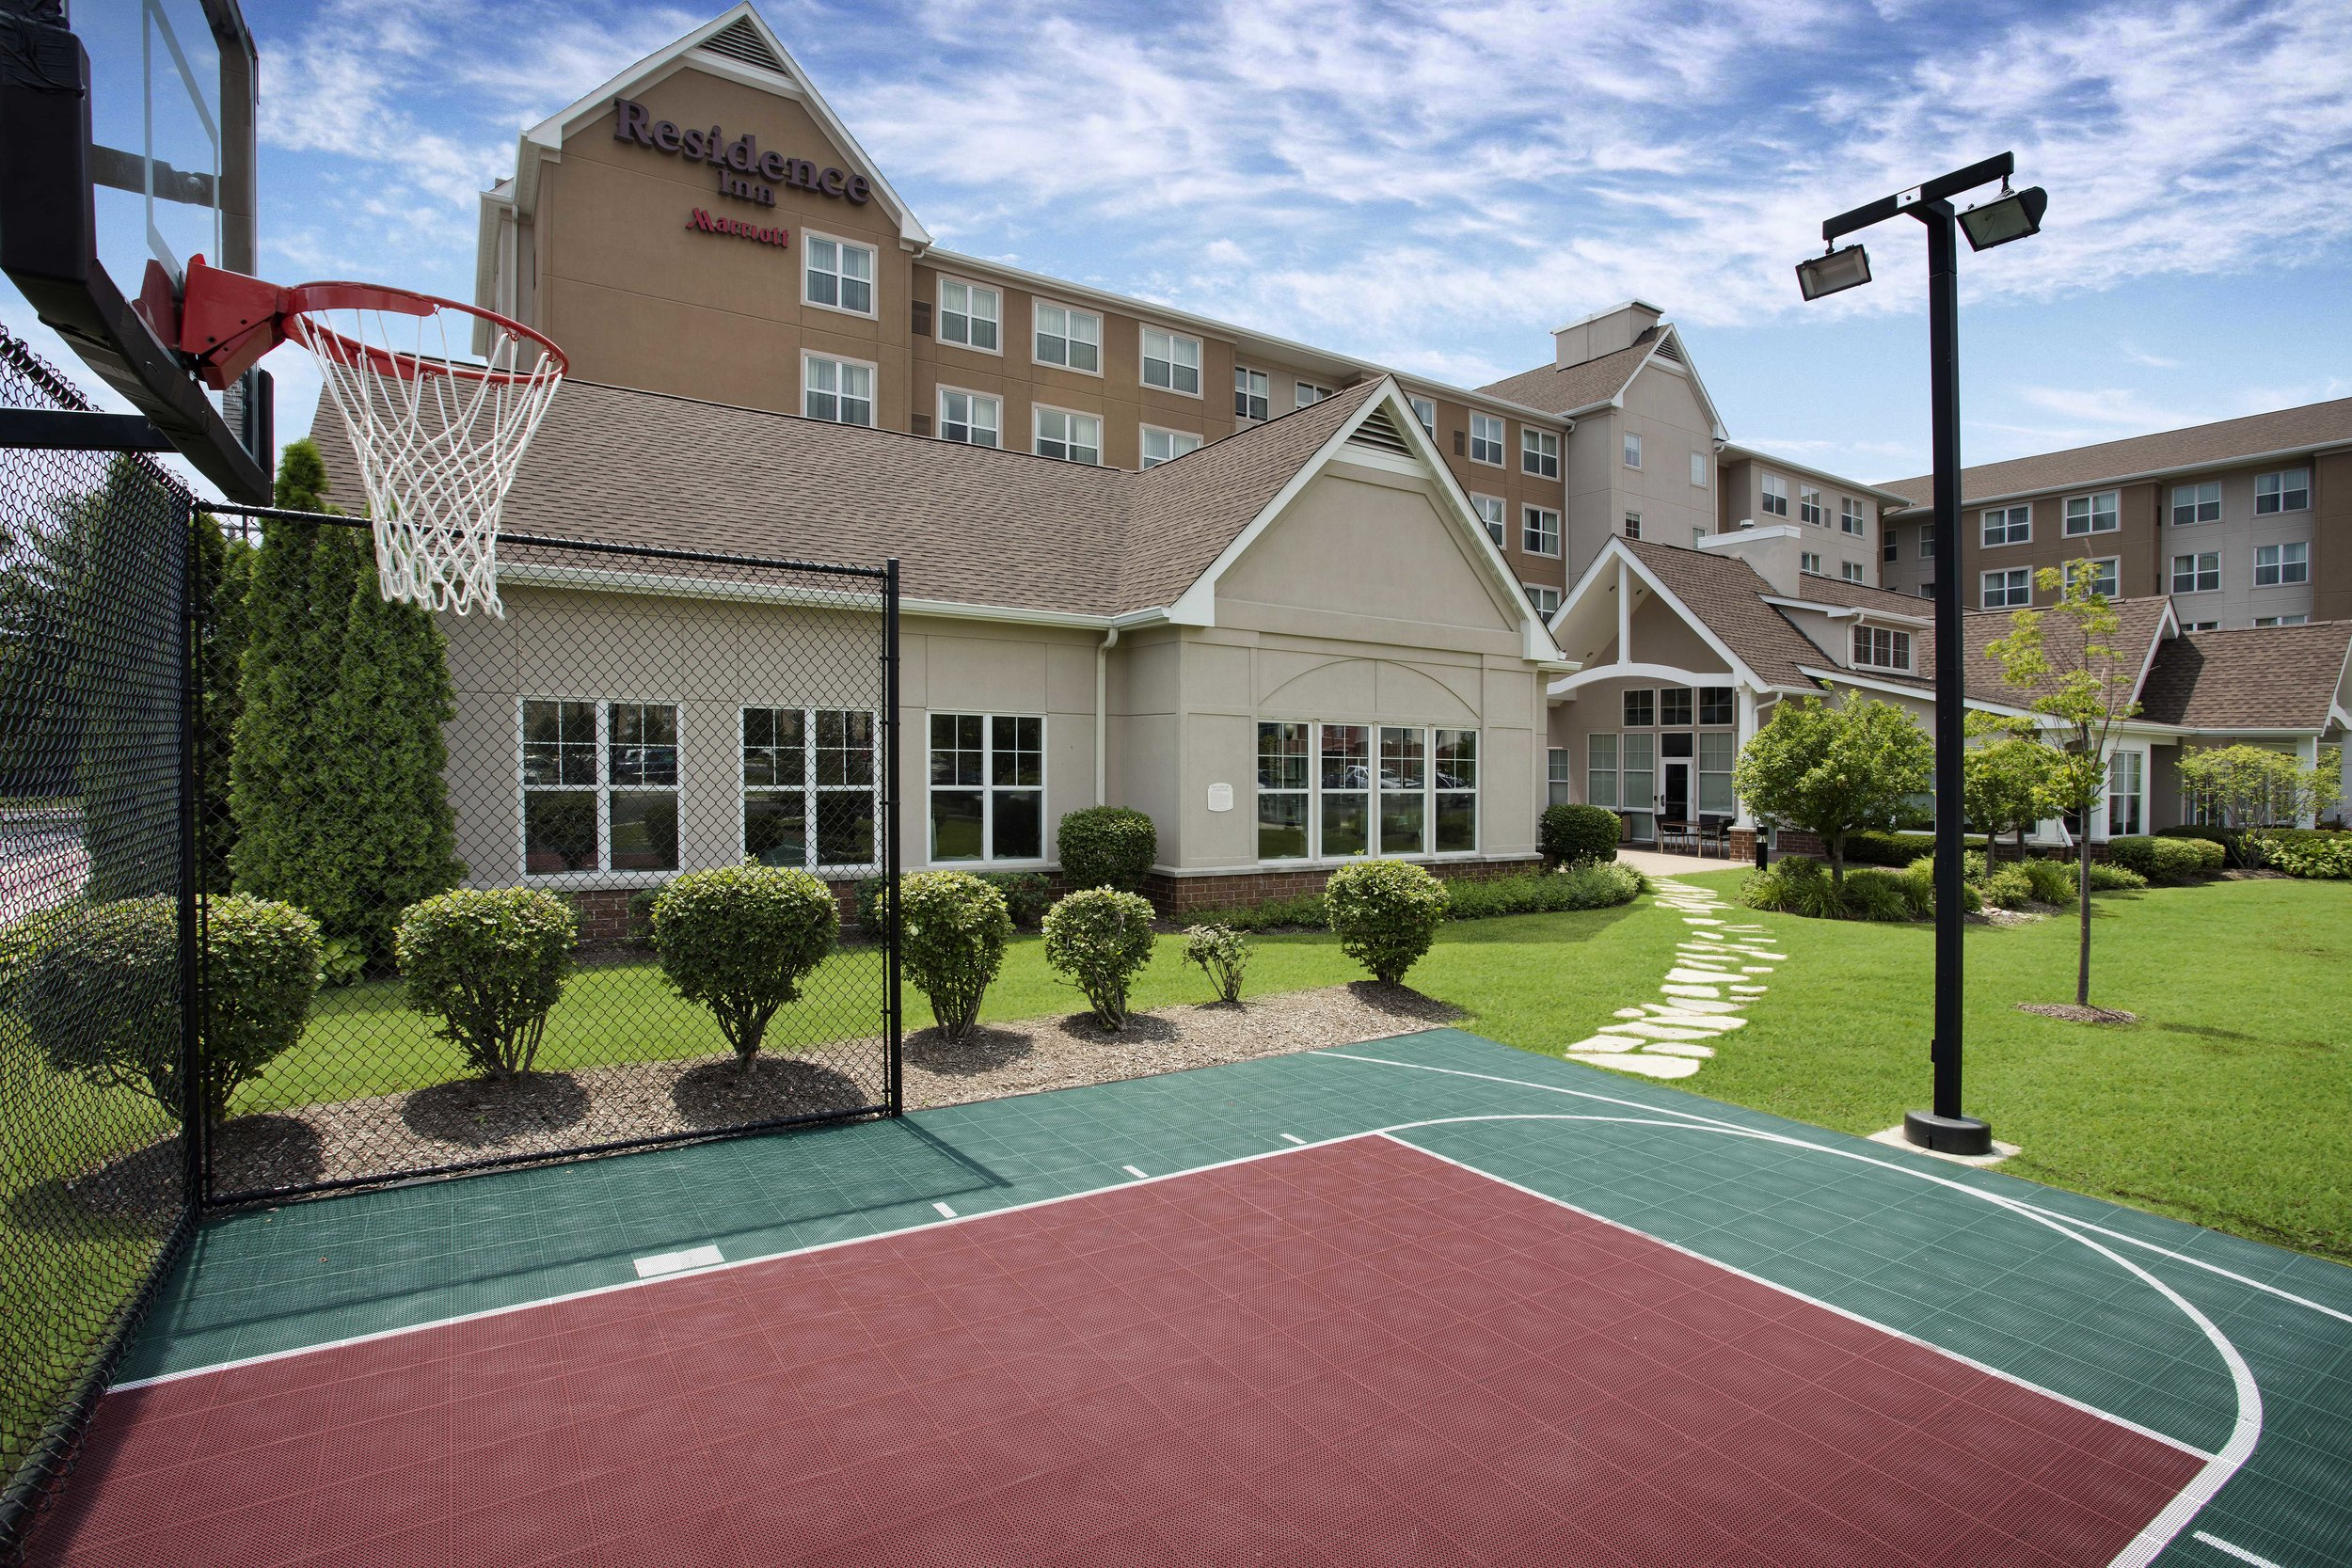 Residence Inn Chicago Midway Sport Court.jpg